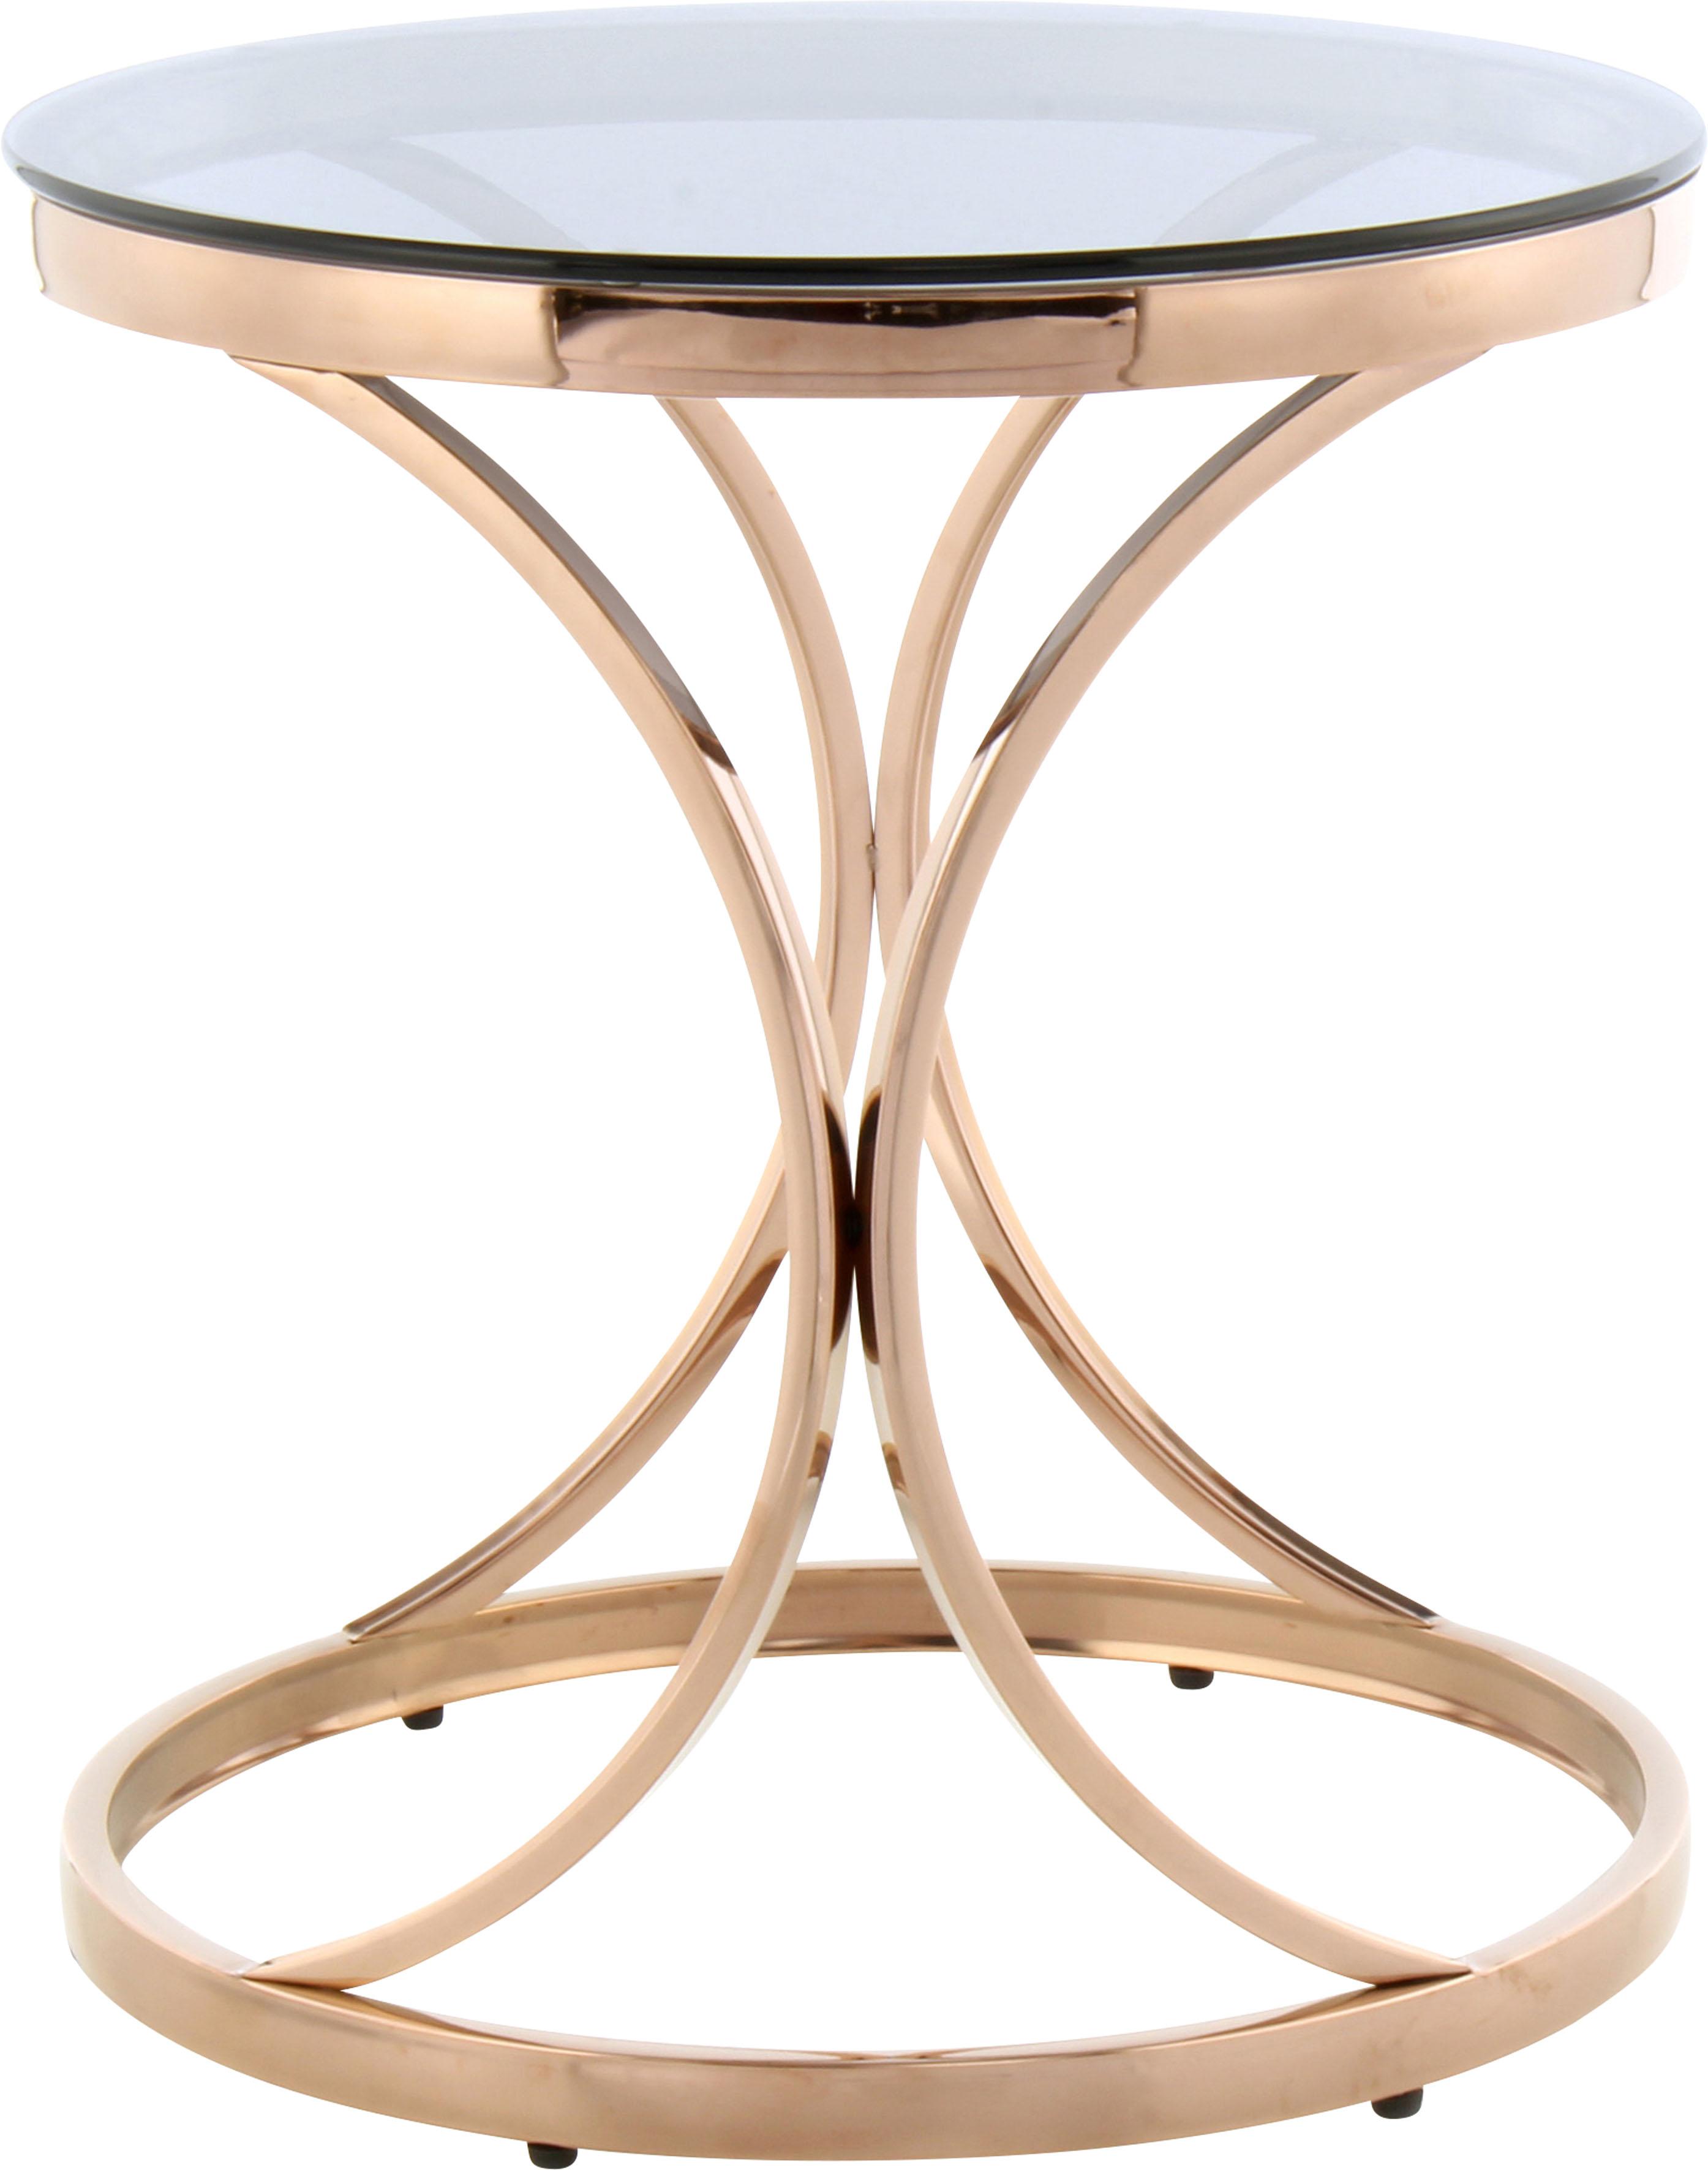 Kayoom Beistelltisch Weyda 225, filigranes Design grau Beistelltische Tische